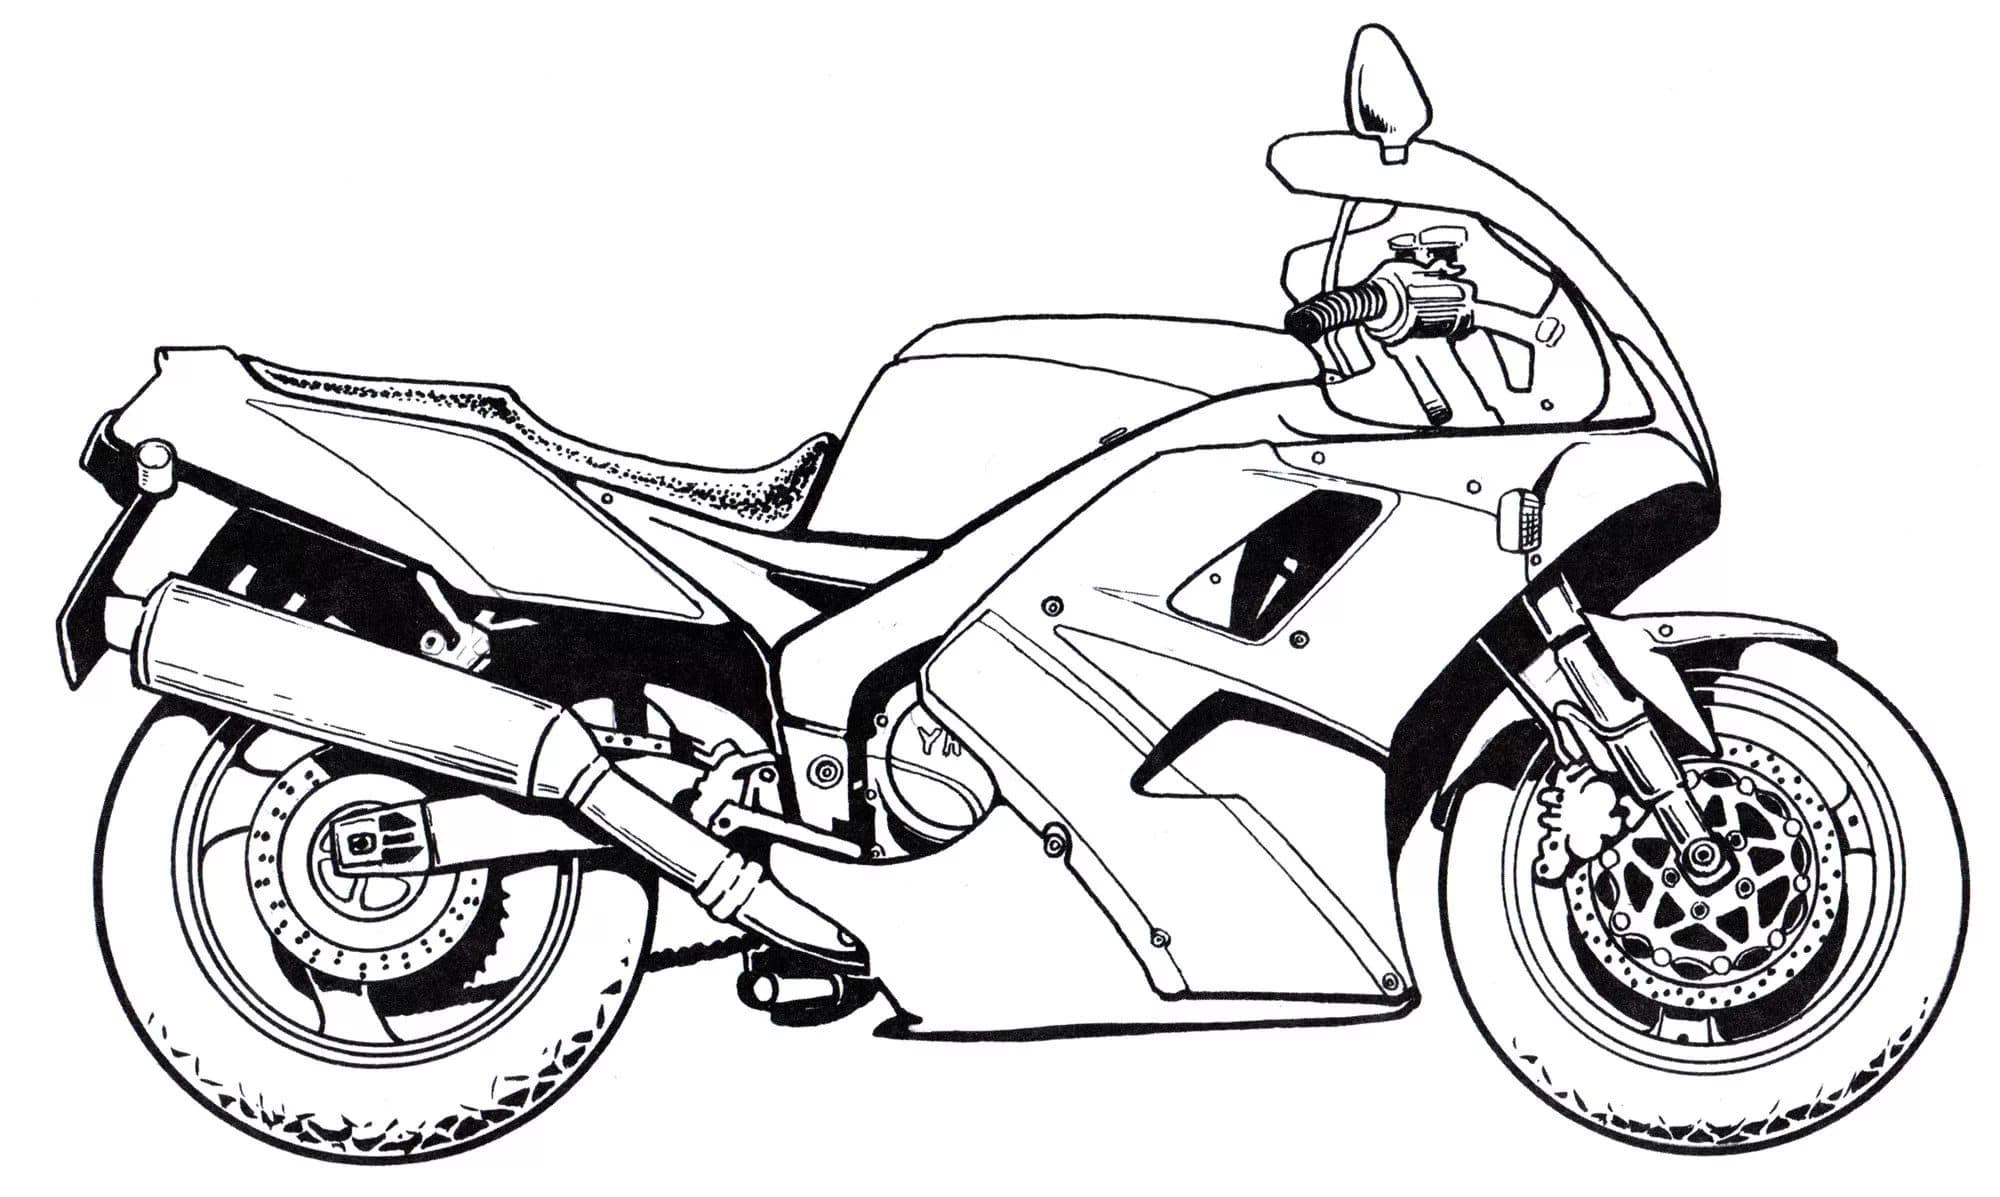 Motorrad Ausmalbilder. Besten Malvorlagen Zum Drucken in Motorrad Ausmalbilder